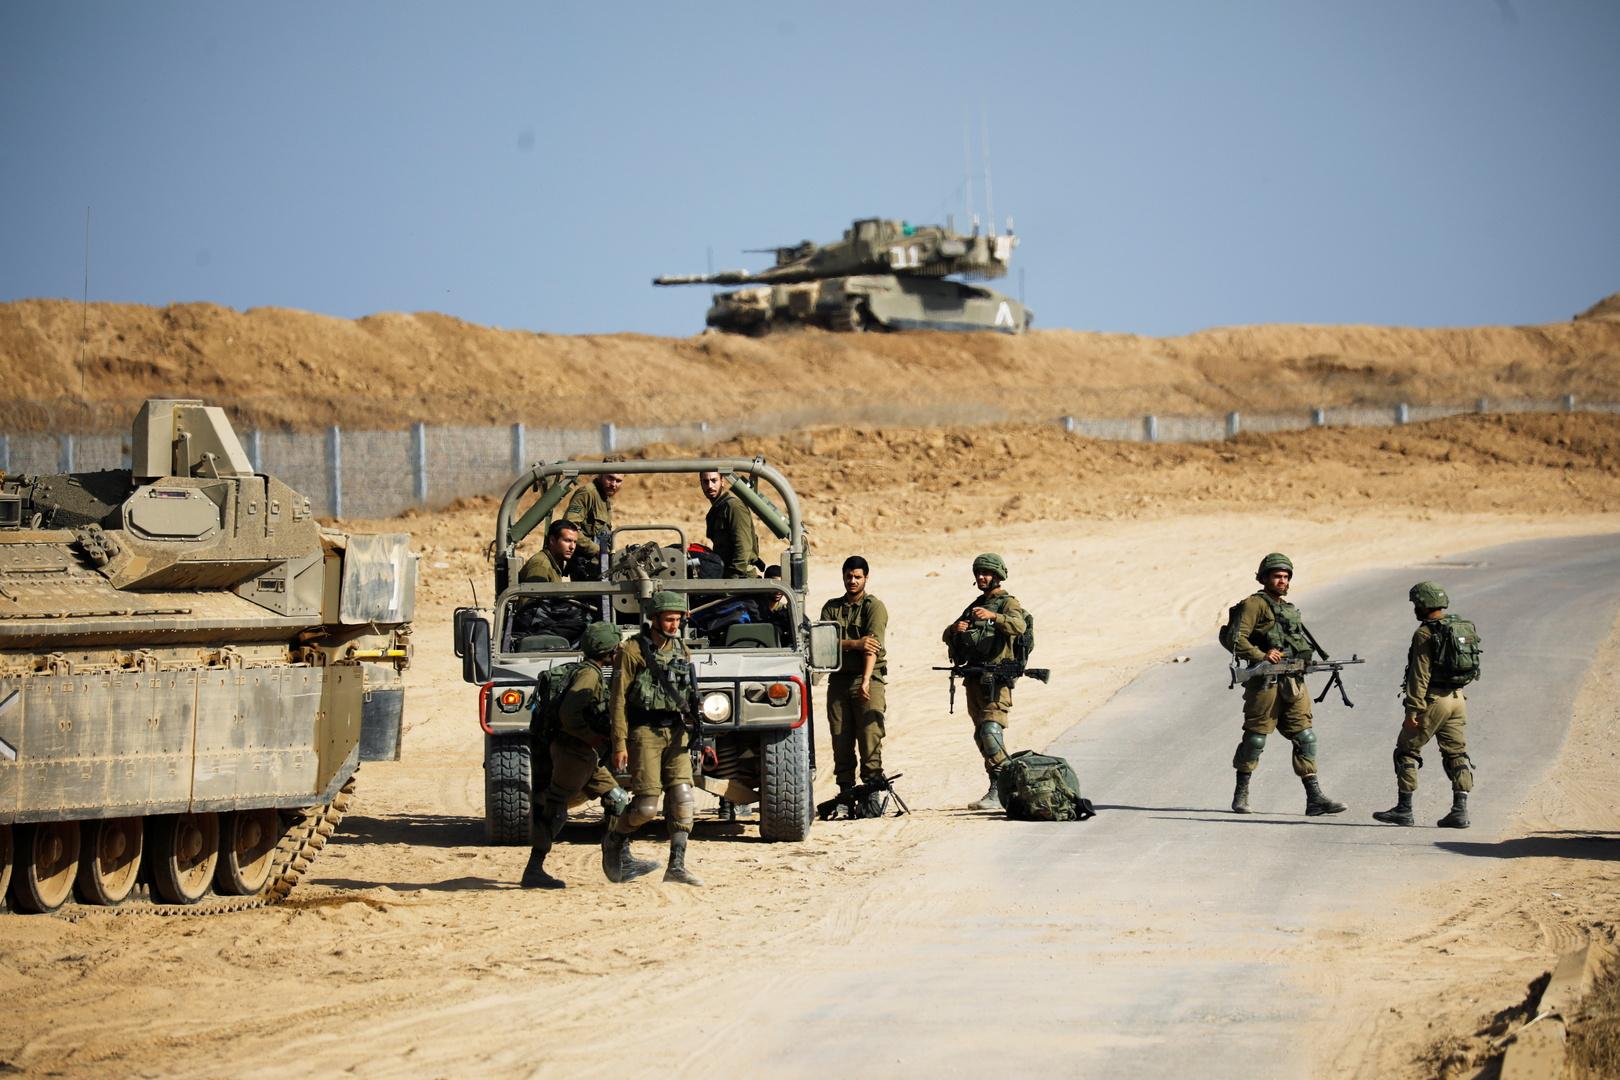 الجيش الإسرائيلي يكشف بالخطأ مواقع قواعد سرية له